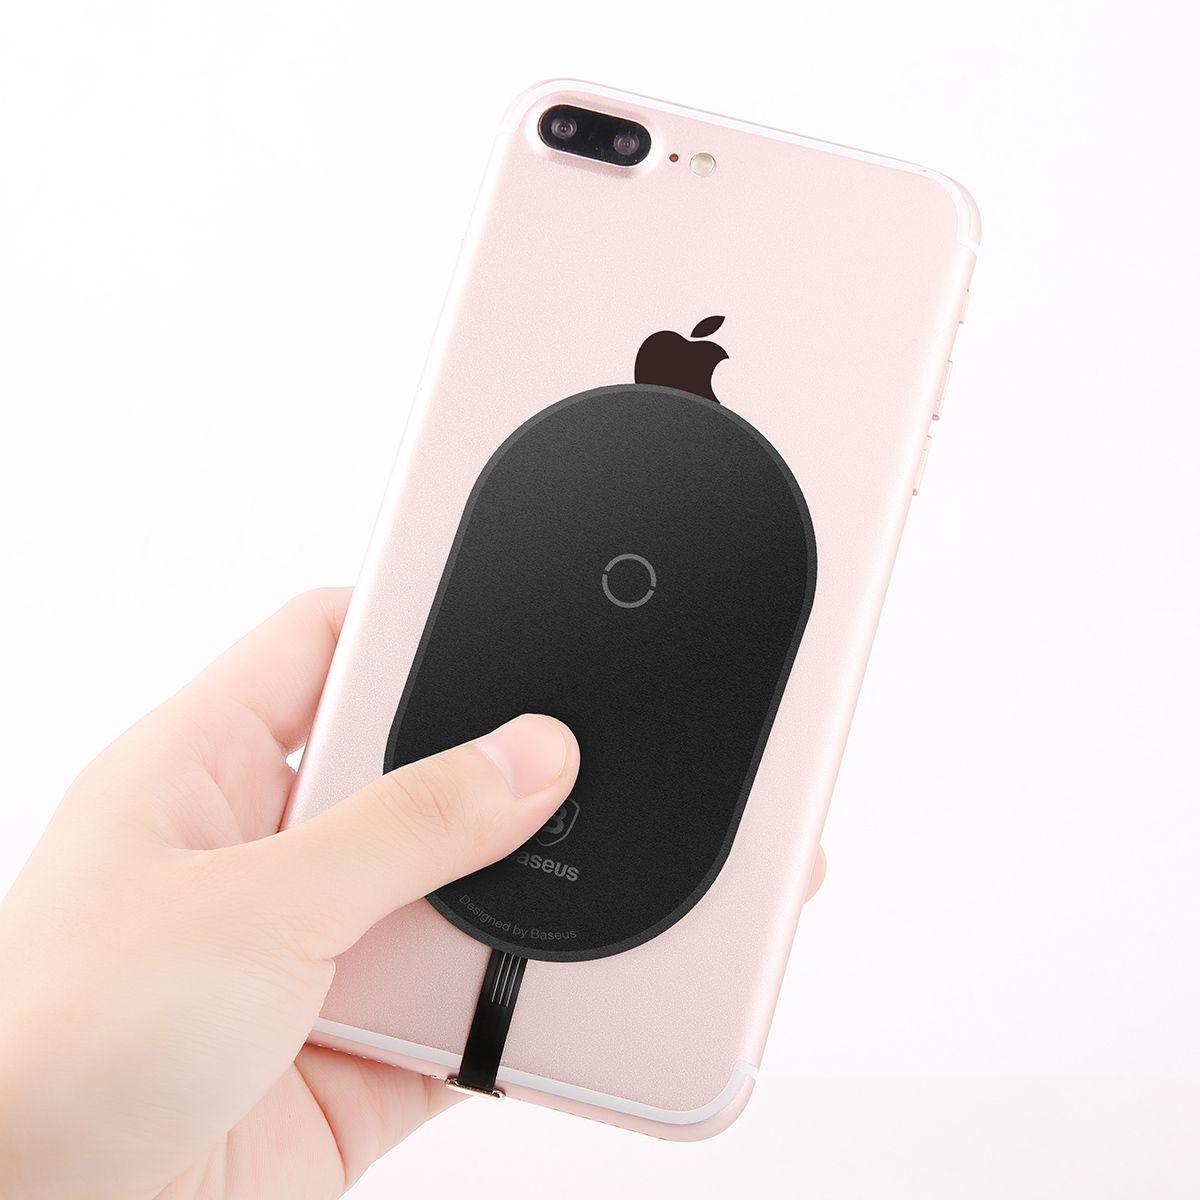 Adaptador para Carregador Sem Fio Baseus (para iPhone)